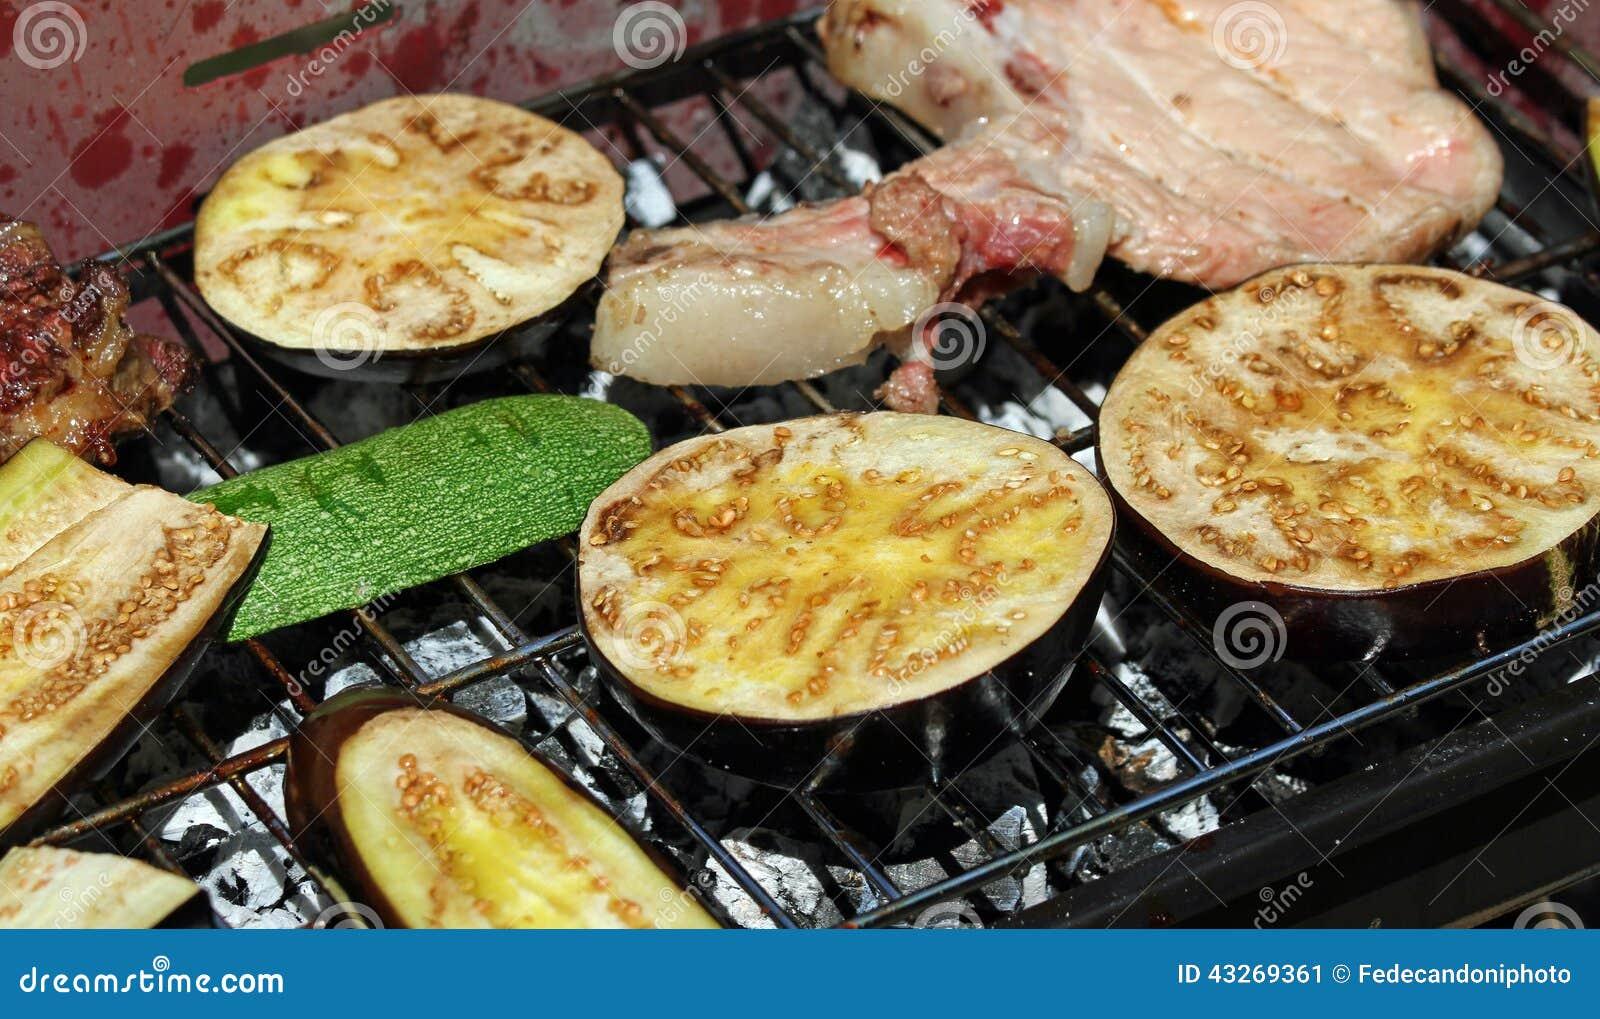 aubergine et courgette et l gumes grill s sur le barbecue photo stock image 43269361. Black Bedroom Furniture Sets. Home Design Ideas